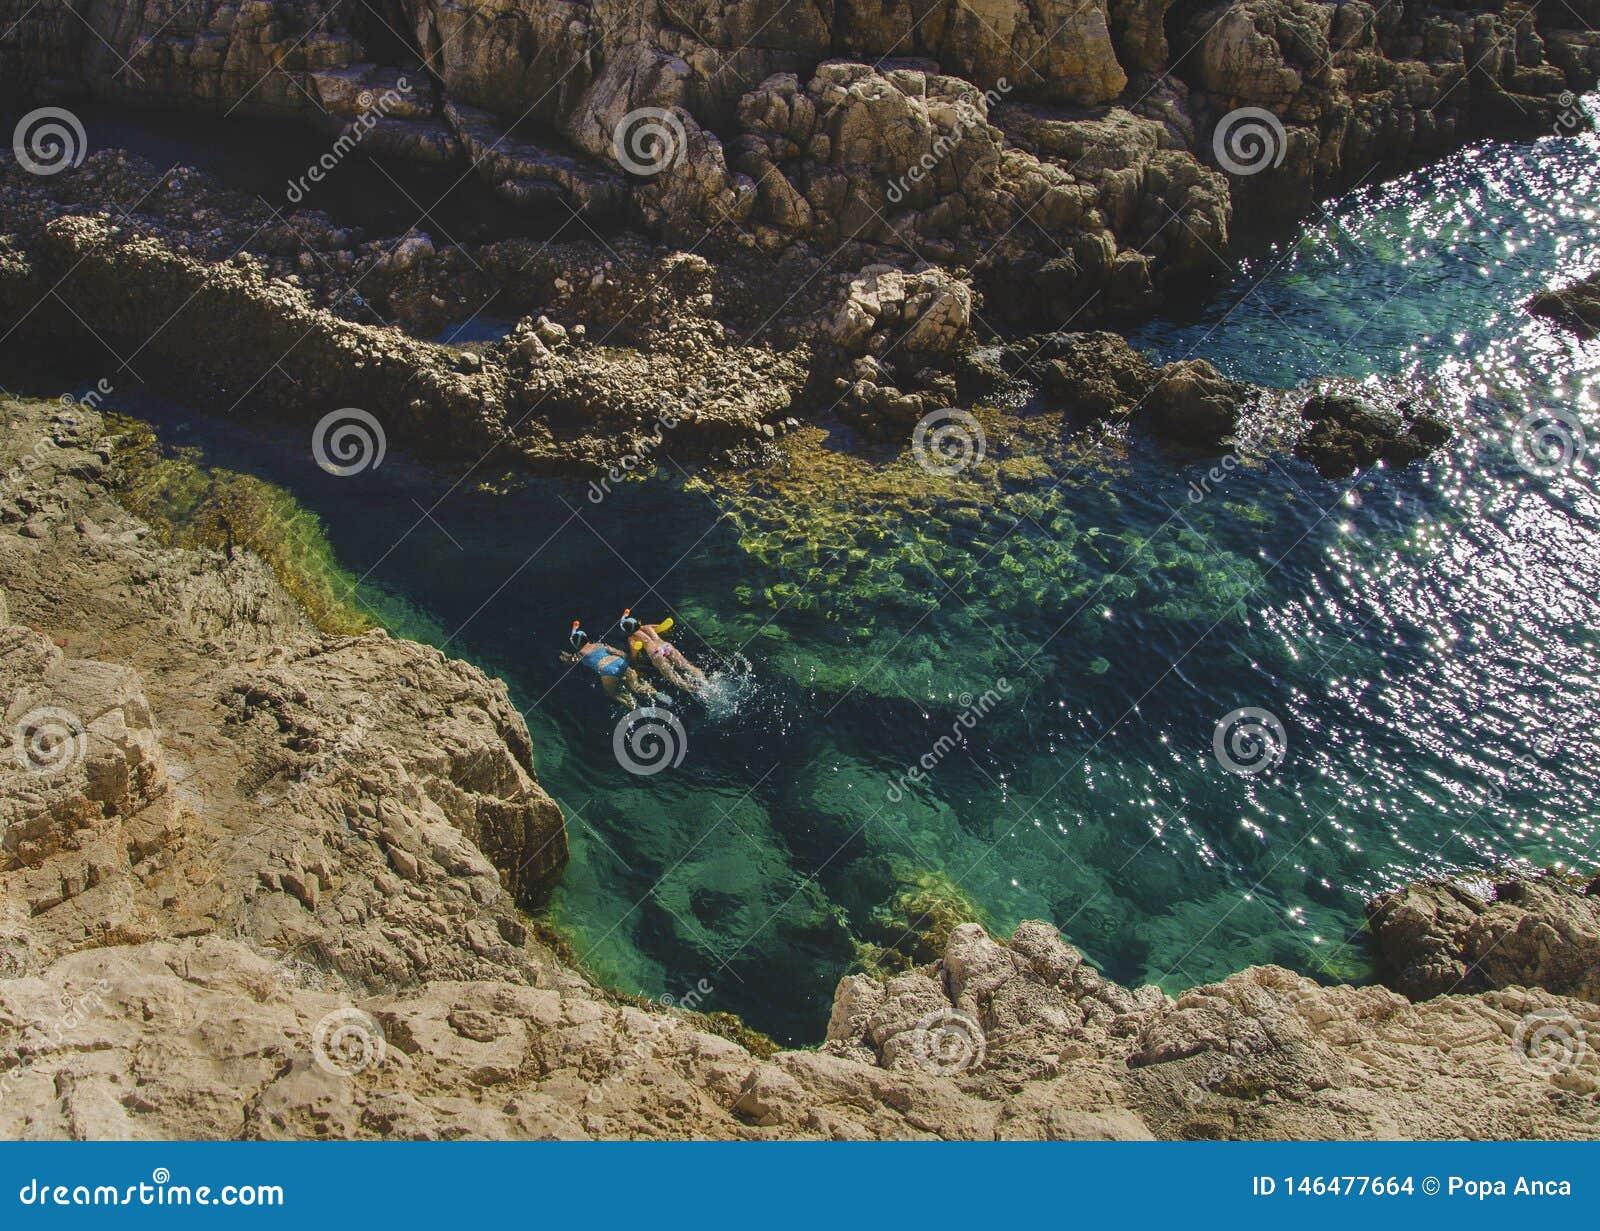 Wopersonen die en in het glasheldere turkooise water in Korakonissi, Zakynthos zwemmen snorkelen